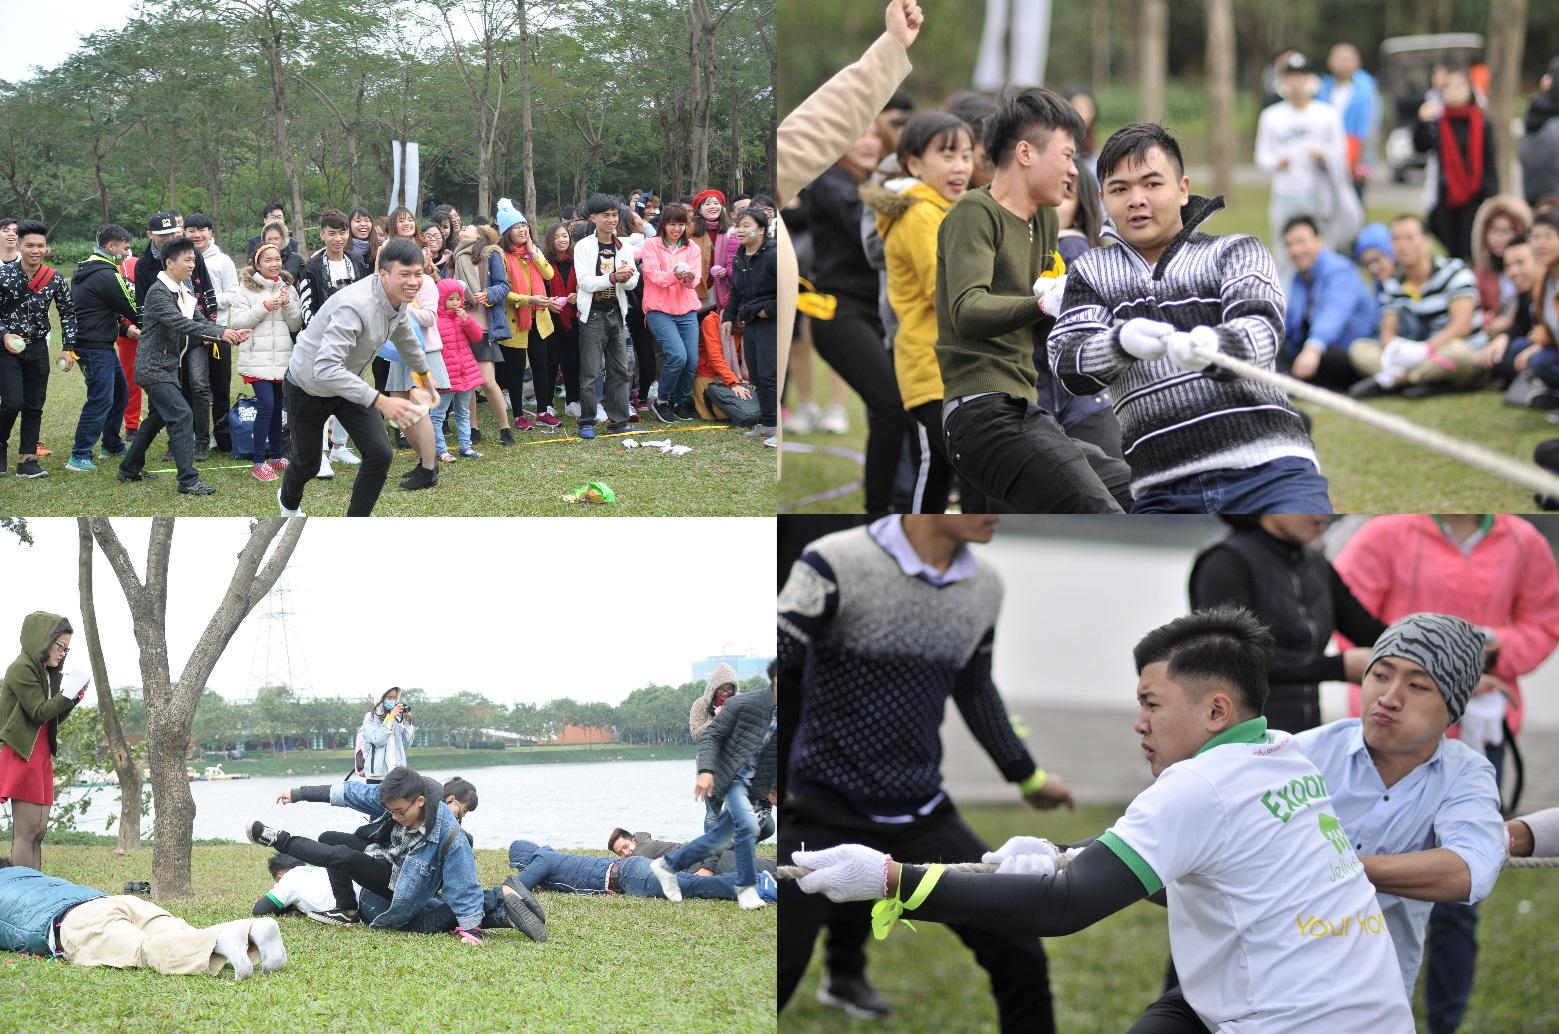 Hình ảnh: Các bạn học sinh hăng hái tham gia các trò chơi